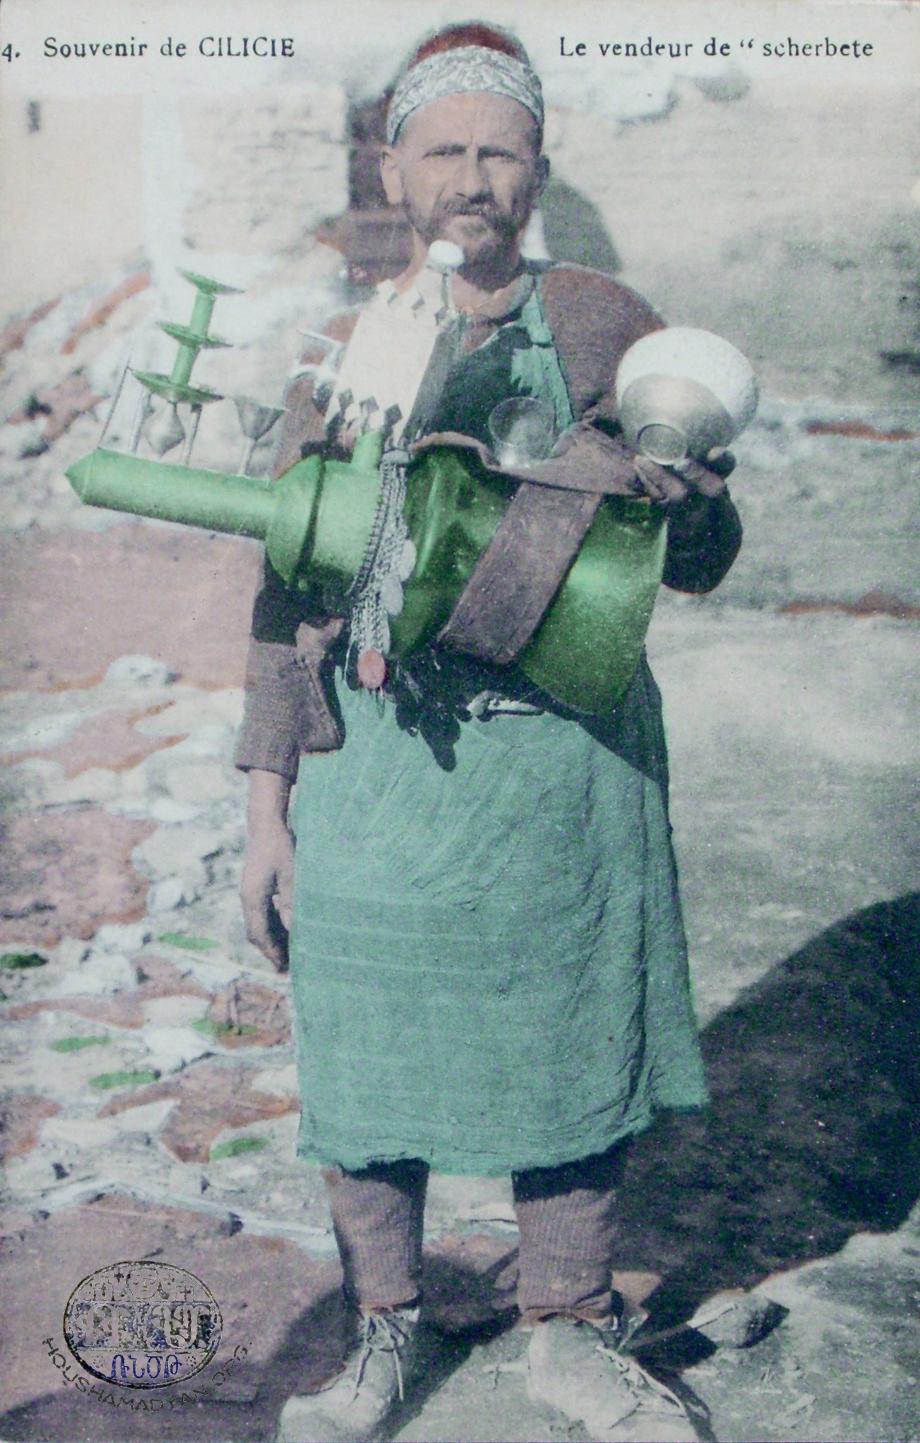 Ատանայի մէջ աշլամա կոչուող զովացուցիչ օշարակի շրջուն վաճառորդ մը